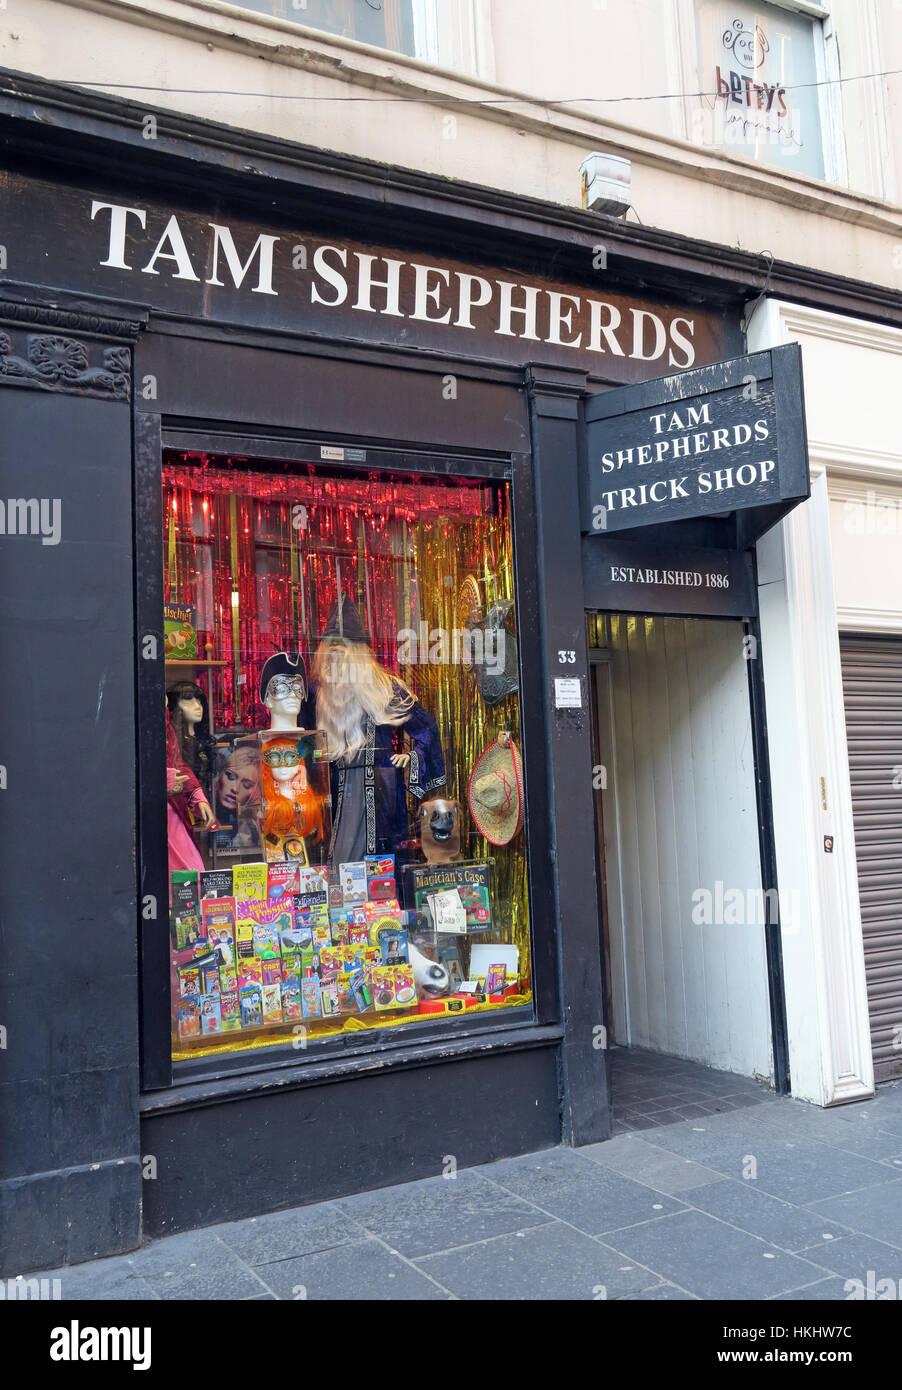 Tam shepherds,joke,shop,gotonysmith,highstreet,frivolity,Scotland,Scottish,scots,Original